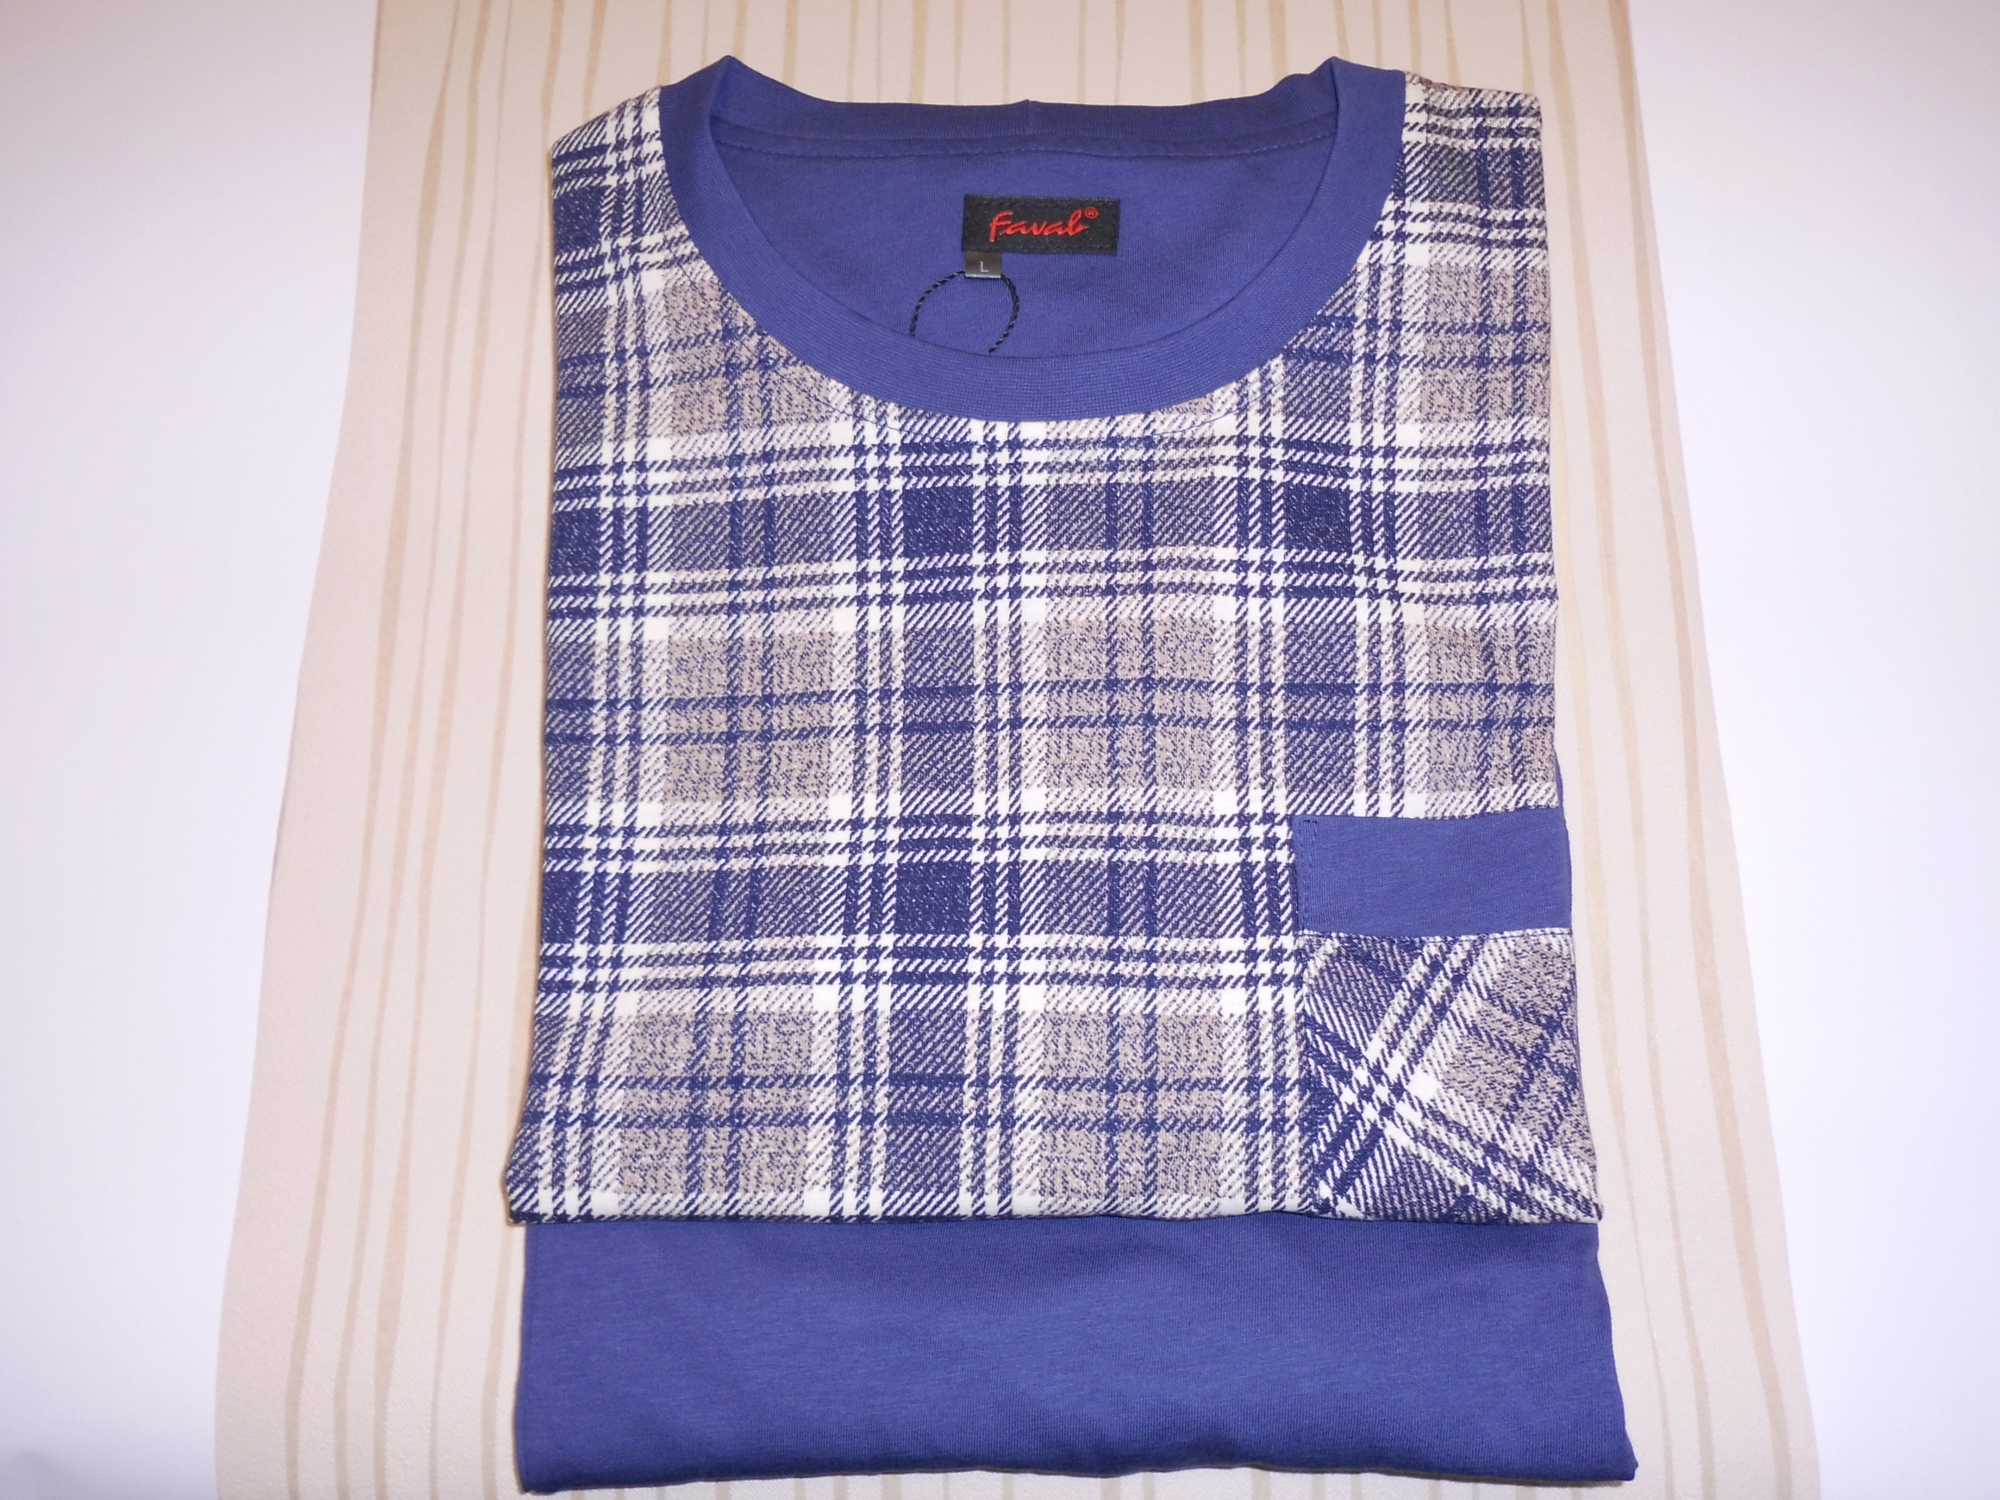 Pánské pyžamo Karono G DR/M - Favab Barva: tmavě modrá kostka, Velikost: M